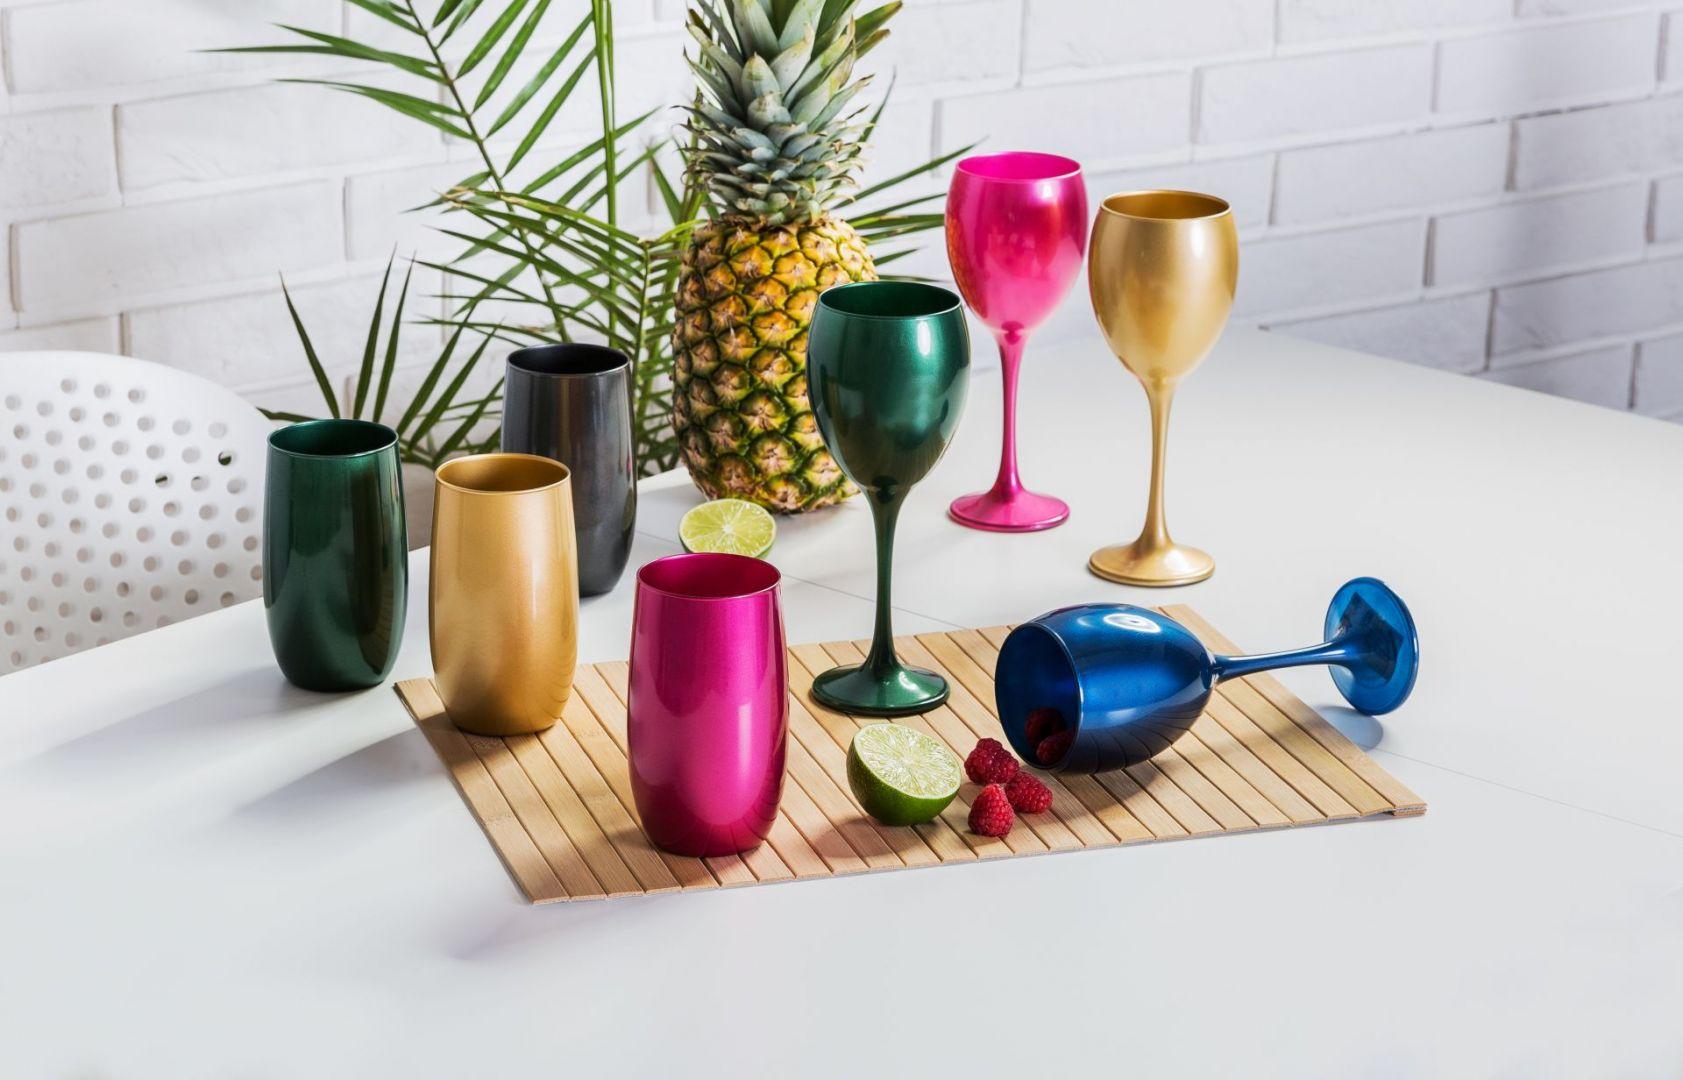 Kolorowe szklanki i kieliszki. Szklana wysoka - 6,99 zł. Kieliszek 300 ml - 7,99 zł.